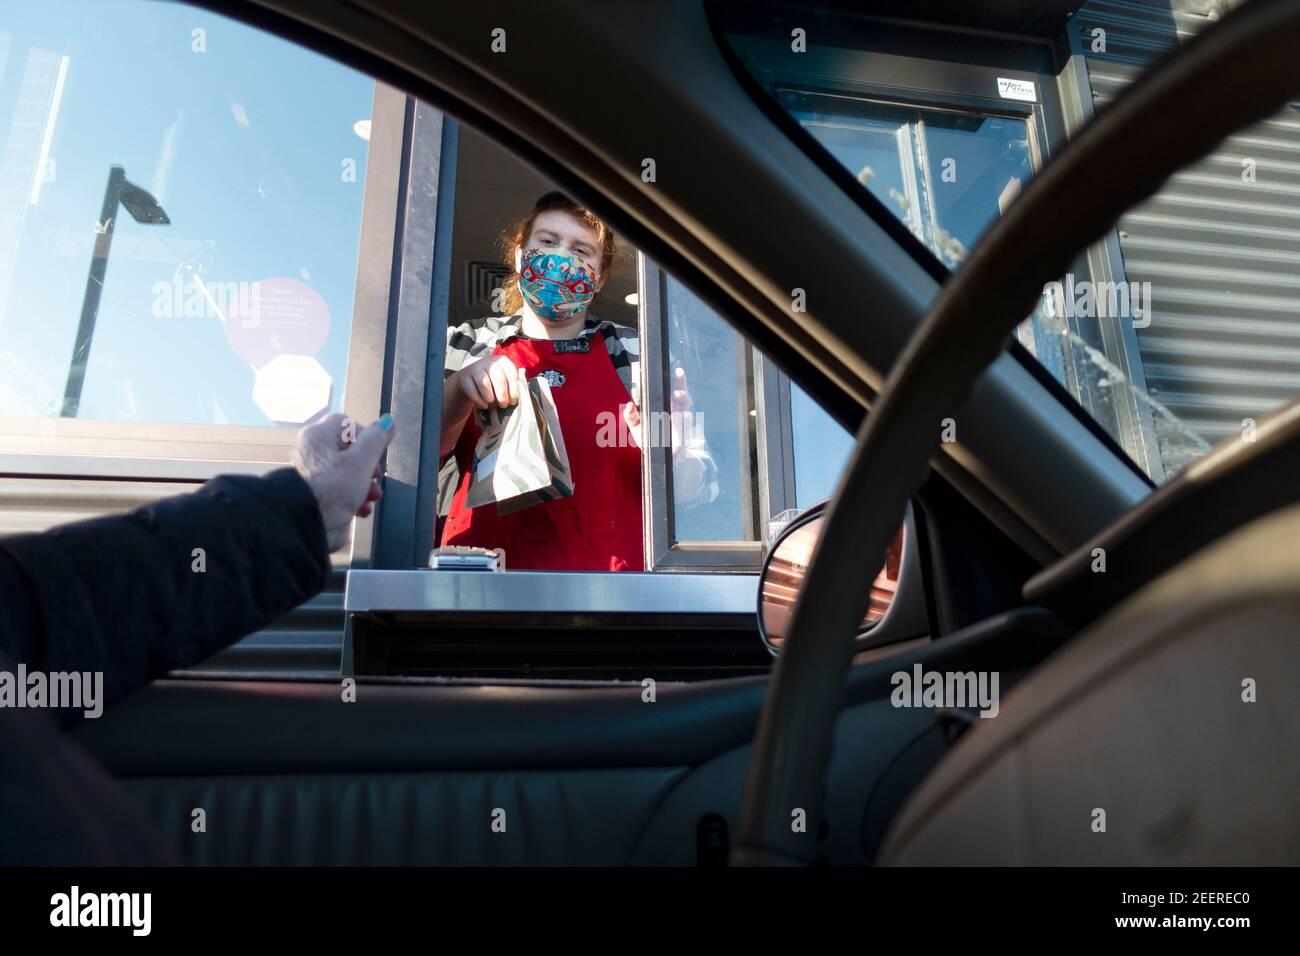 Cajero de Starbucks enmascarado entregando la bolsa de la patrona de los pasteles mientras que el café se está preparando durante la Pandemic de Covid. St Paul Minnesota MN EE.UU Foto de stock